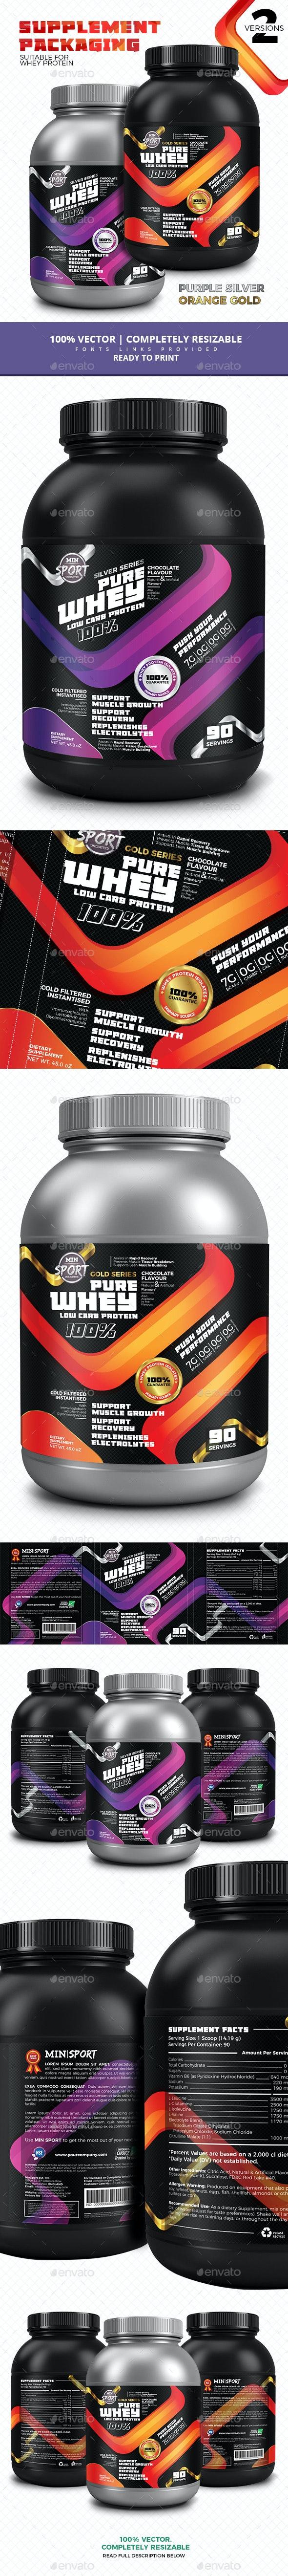 Modern Supplement Packaging